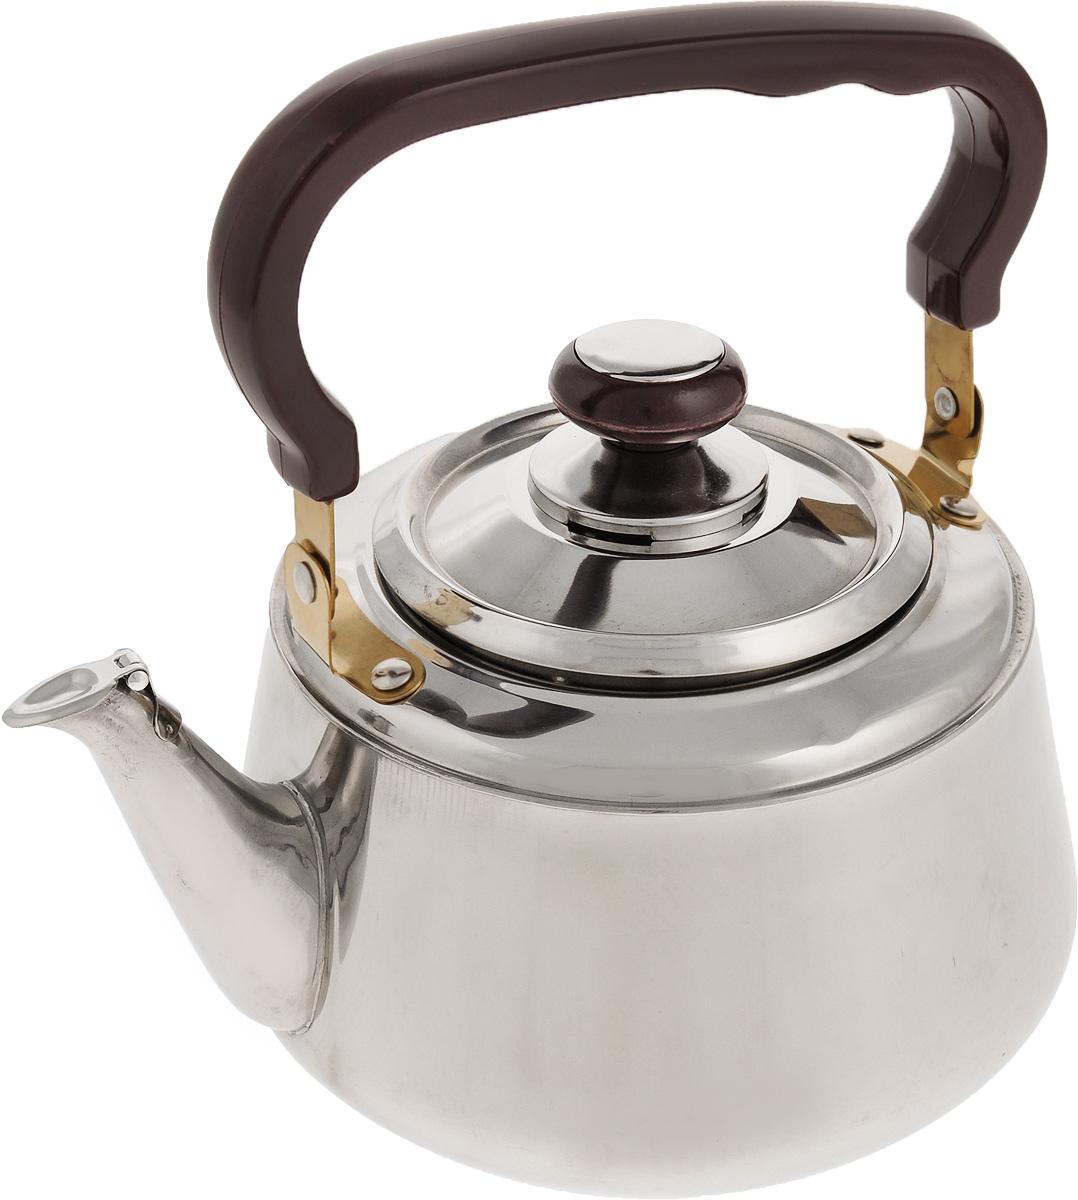 Чайник Mayer & Boch, со свистком, 2 л. 10391039Чайник Mayer & Boch изготовлен из высококачественной нержавеющей стали. Он оснащен удобной ручкой из бакелита, что делает использование чайника очень удобным и безопасным. Крышка снабжена свистком, позволяя контролировать процесс подогрева или кипячения воды. Эстетичный и функциональный чайник будет оригинально смотреться в любом интерьере. Подходит для стеклокерамических, газовых, электрических плит. Можно мыть в посудомоечной машине. Высота чайника (без учета ручки и крышки): 11,5 см. Высота чайника (с учетом ручки и крышки): 22,5 см. Диаметр чайника (по верхнему краю): 10 см.